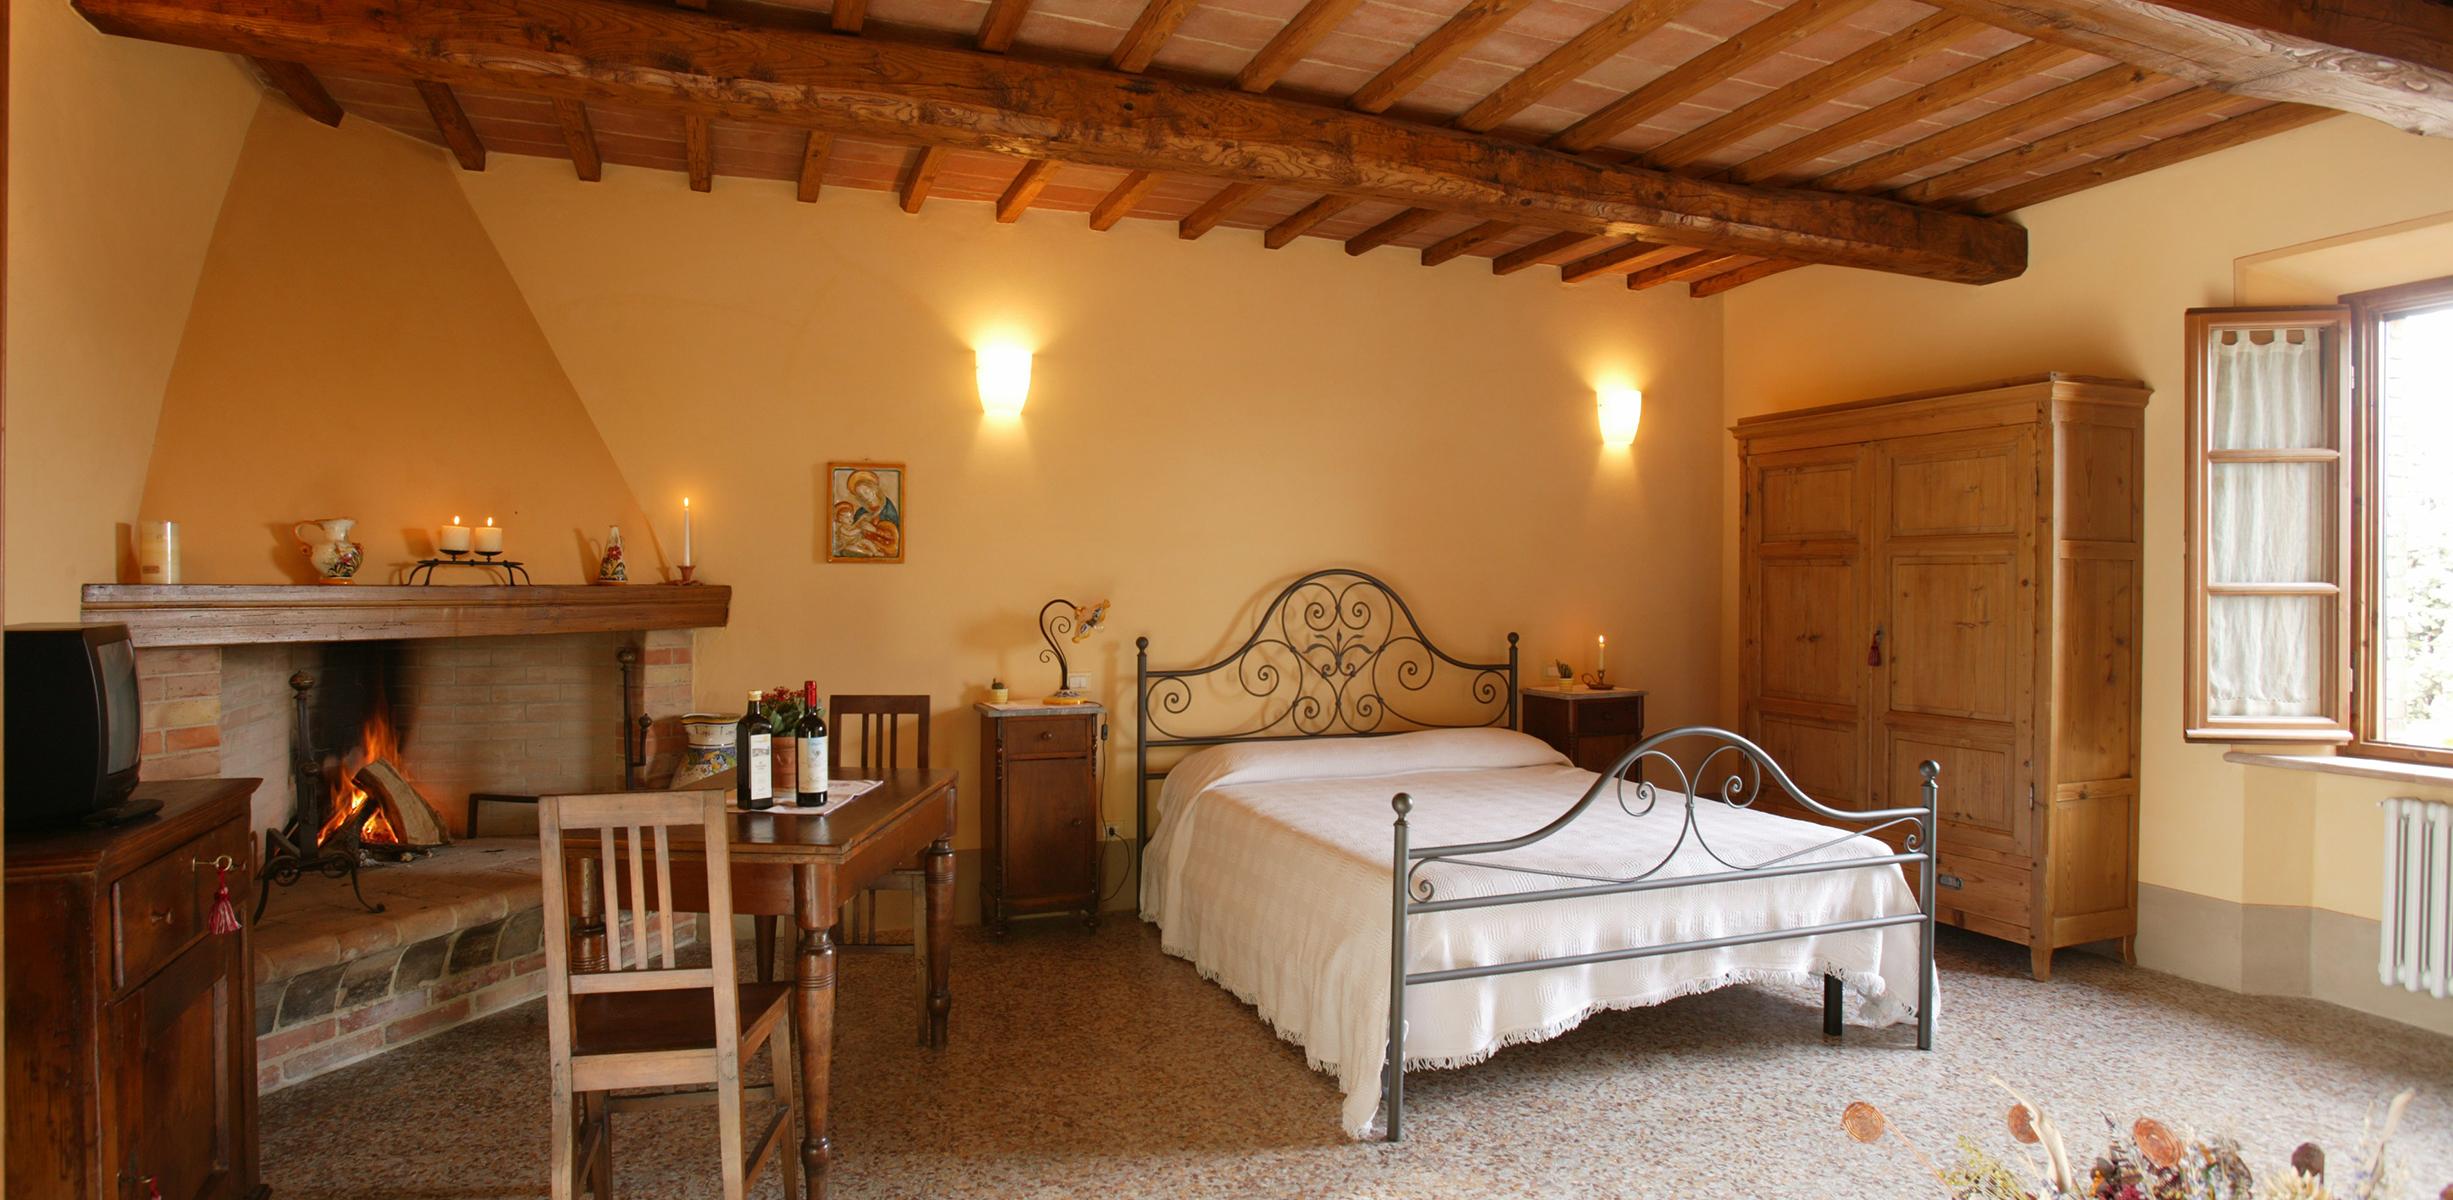 Agriturismo vicino al centro storico di pienza podere san gregorio - Camera da letto con camino ...